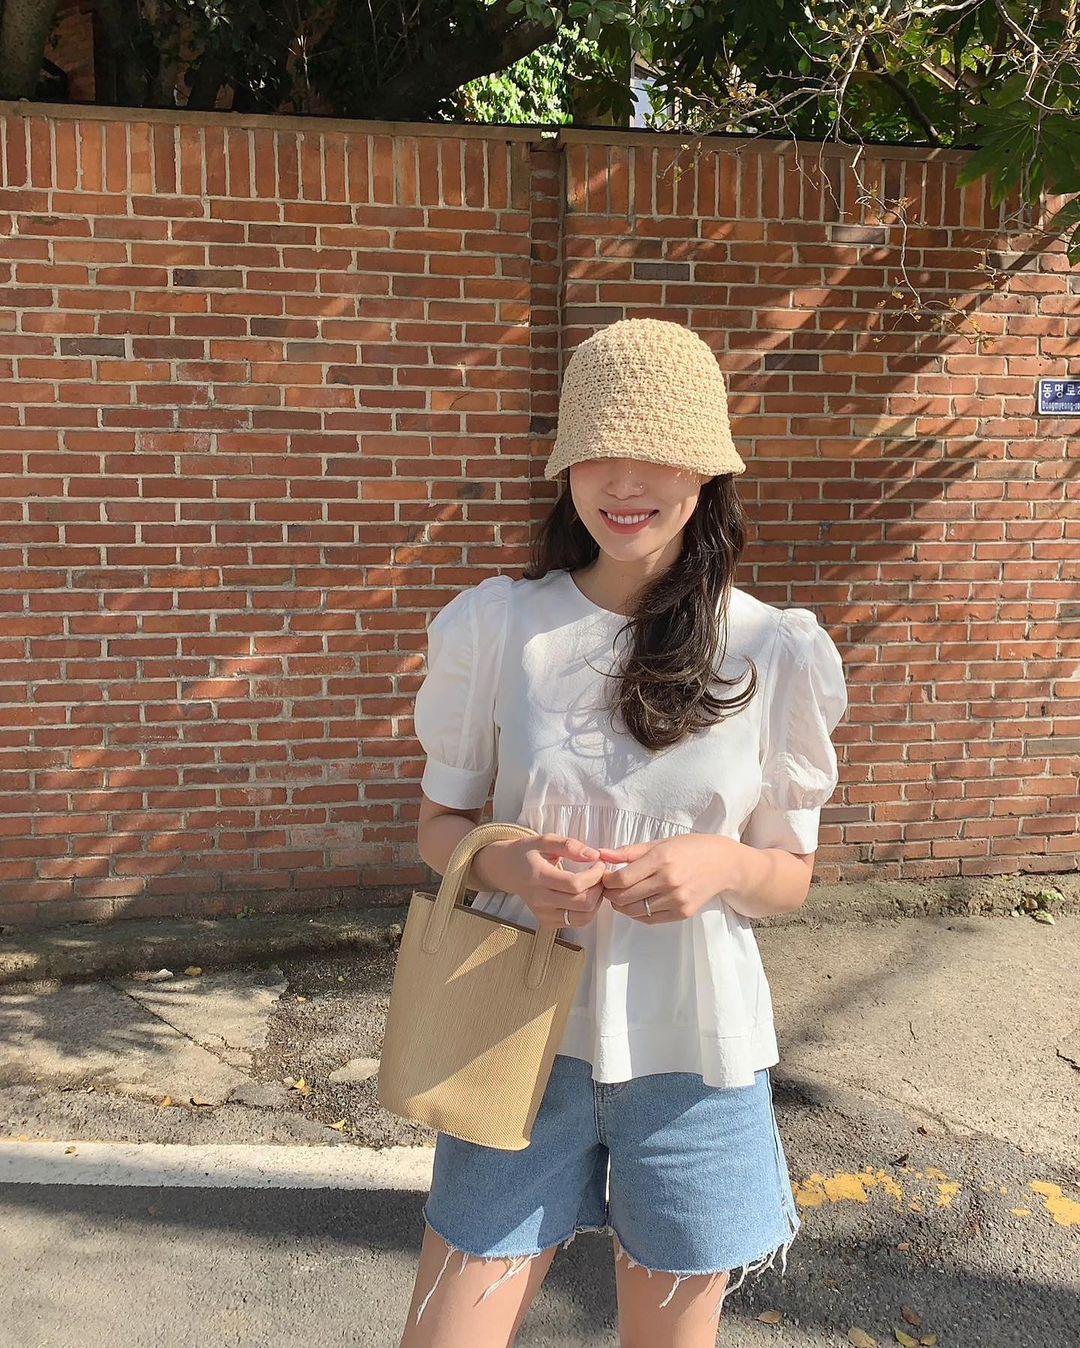 Có 1 mẫu áo mà dàn gái Hàn đang nâng như nâng trứng, diện lên đảm bảo có ảnh đẹp post Instagram sống ảo! - Ảnh 2.